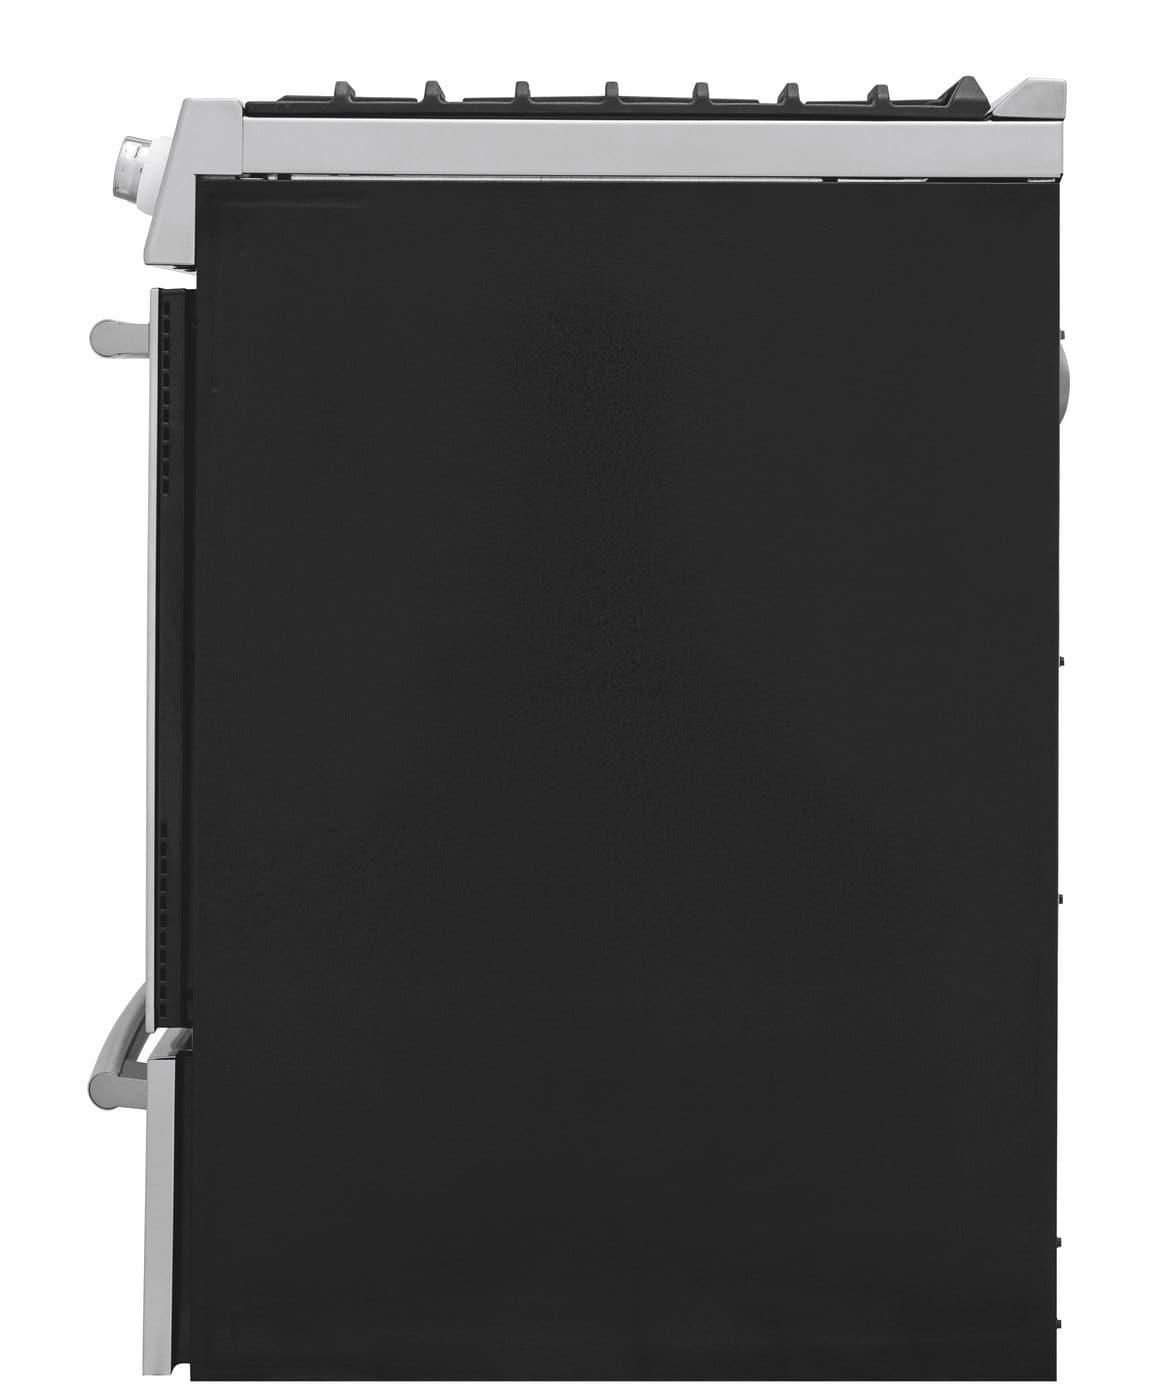 Model: EI30GF45QS | 30